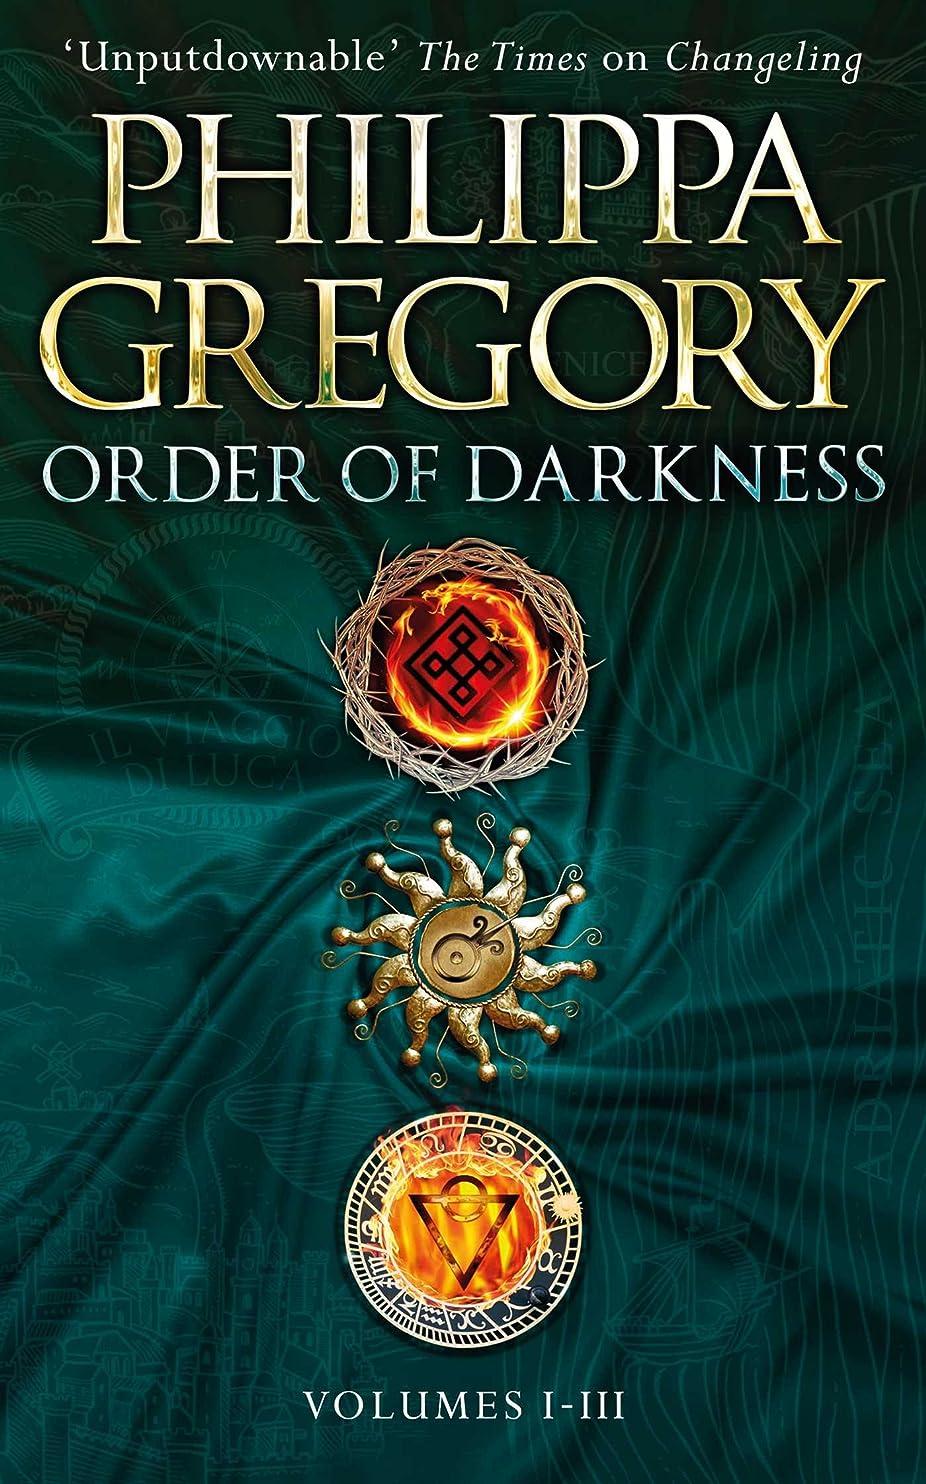 月曜テレックス物質Order of Darkness: Volumes i-iii (English Edition)